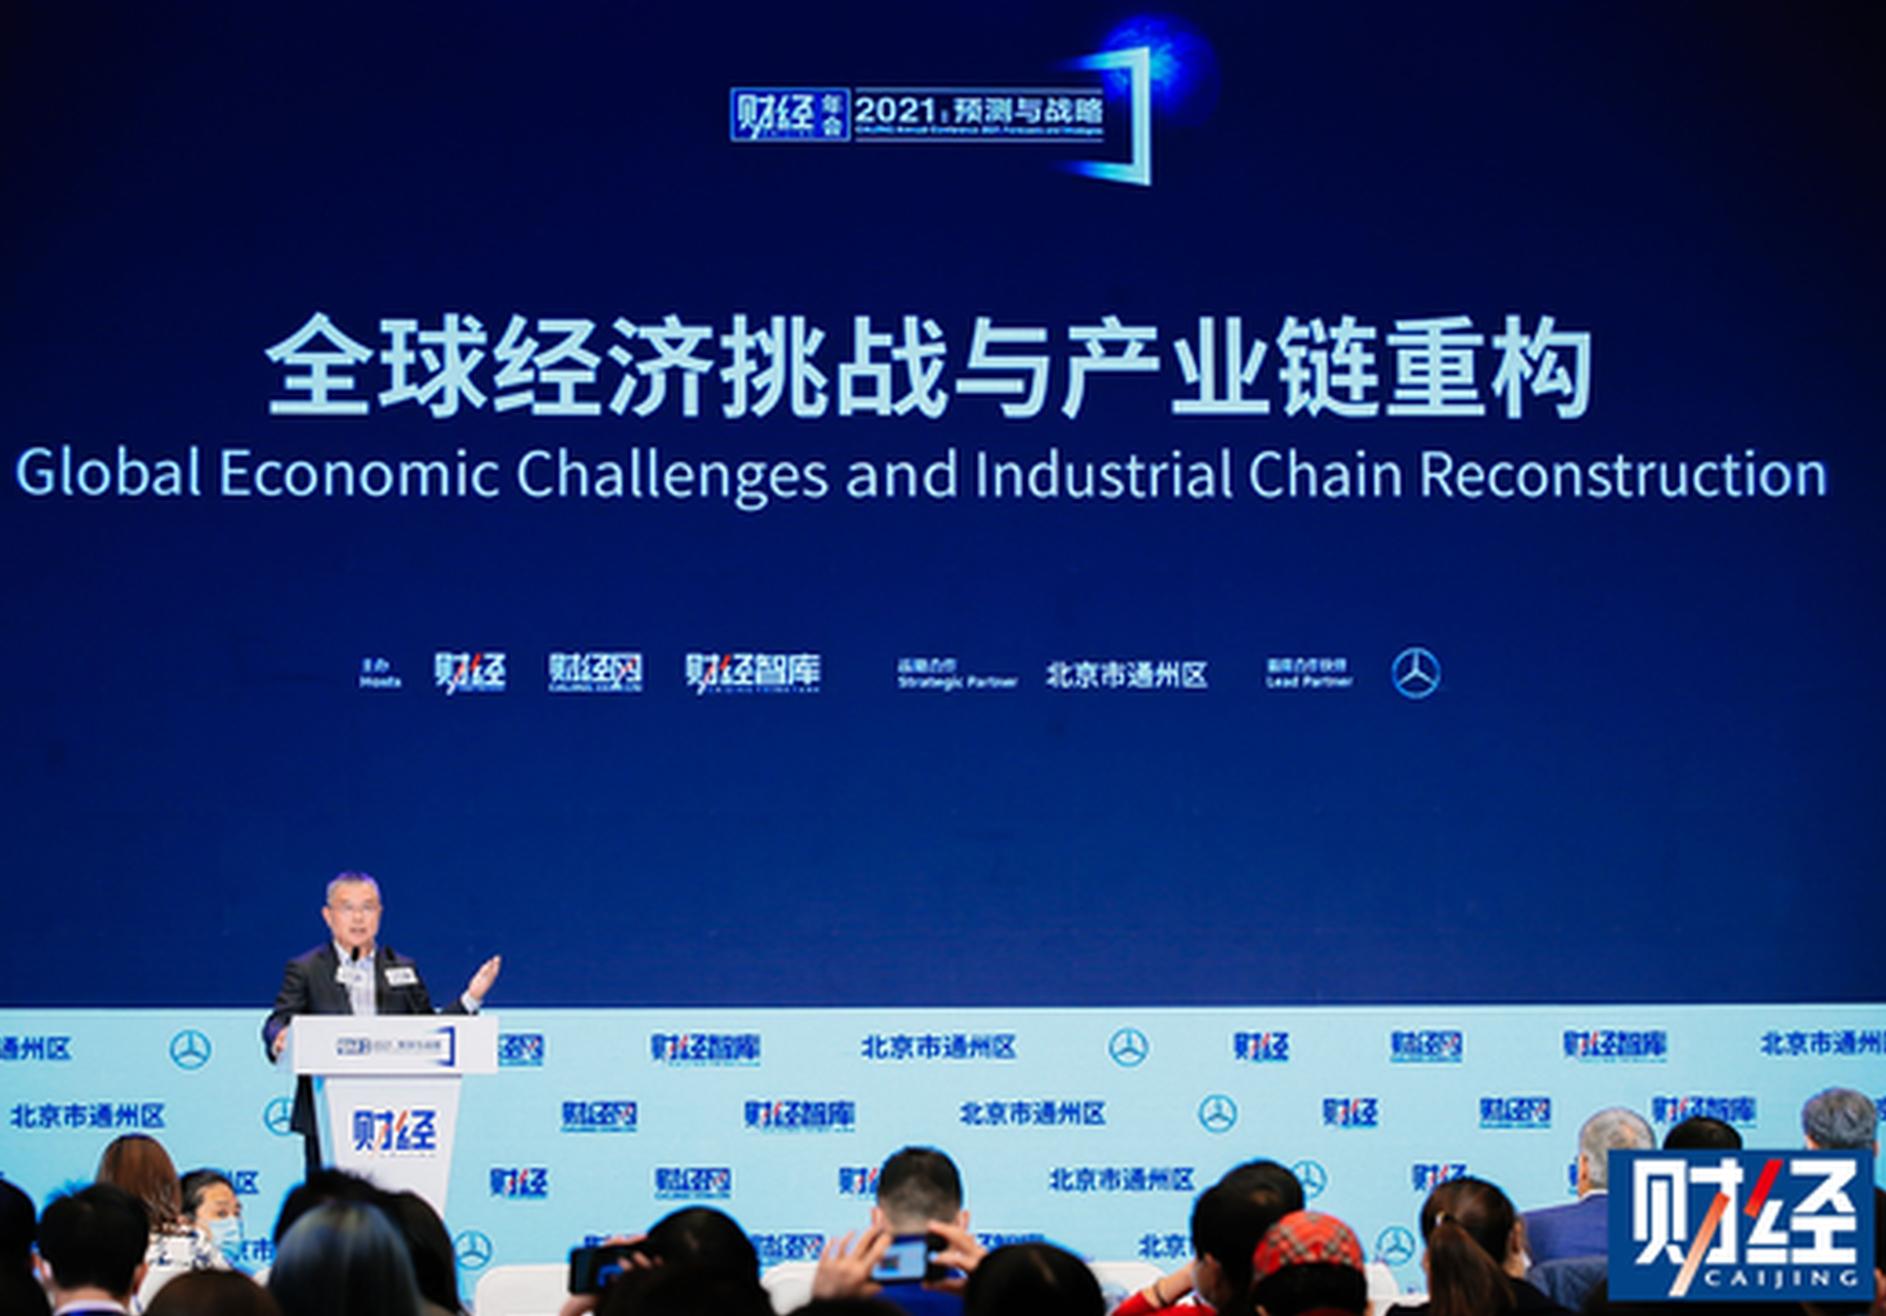 社科院学部委员李扬:双循环转型中要高度重视非国有企业的作用